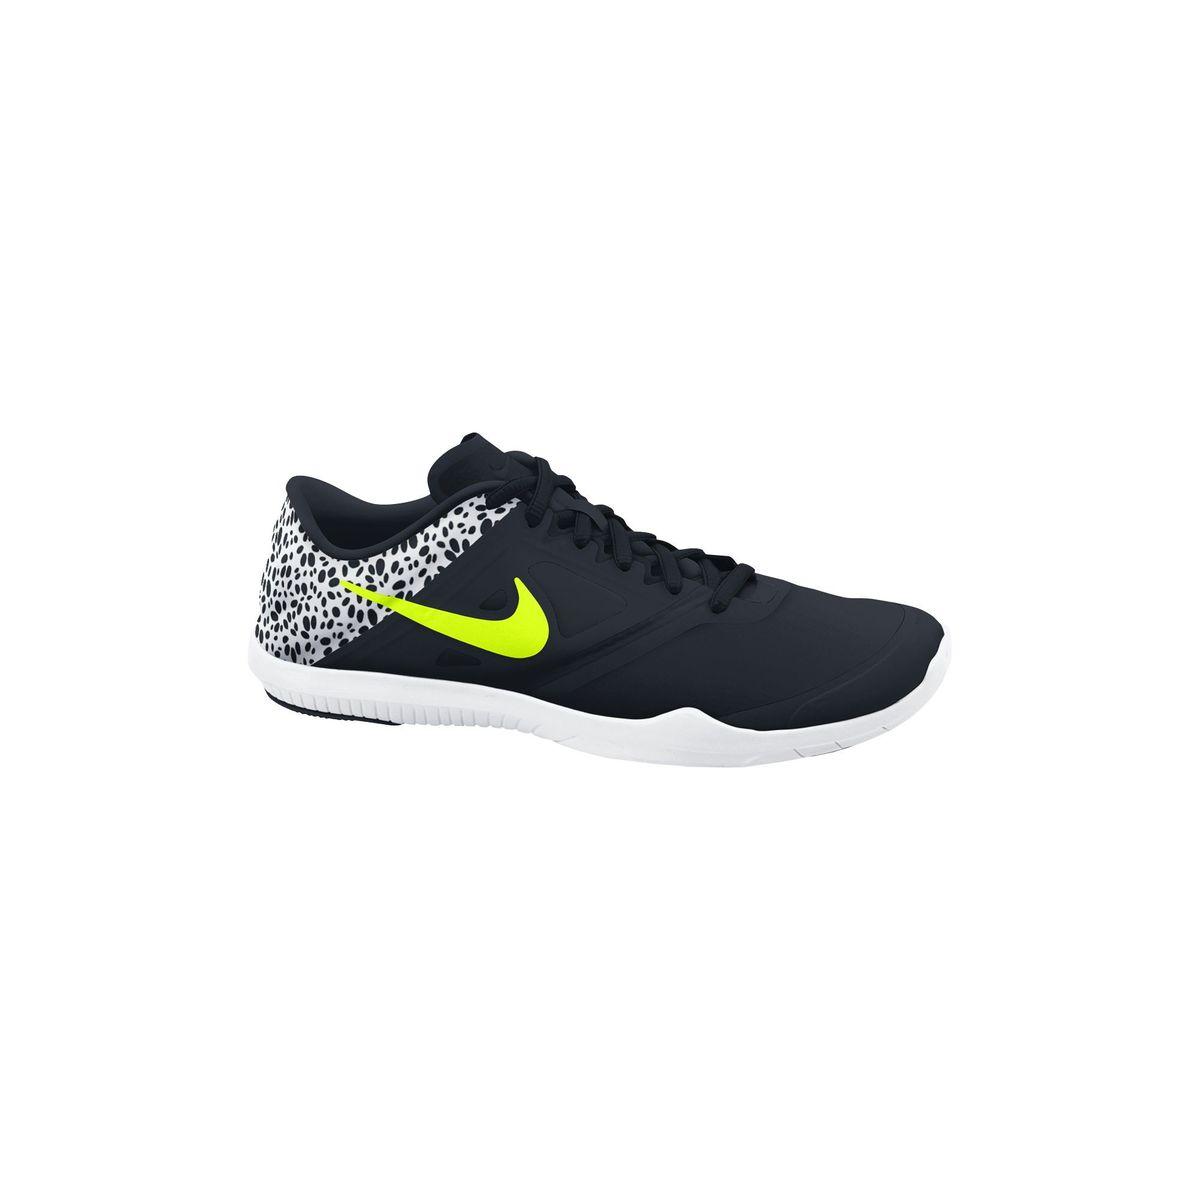 Women's Nike Studio Trainer 2 Print Cross Training Chaussure Buy Online